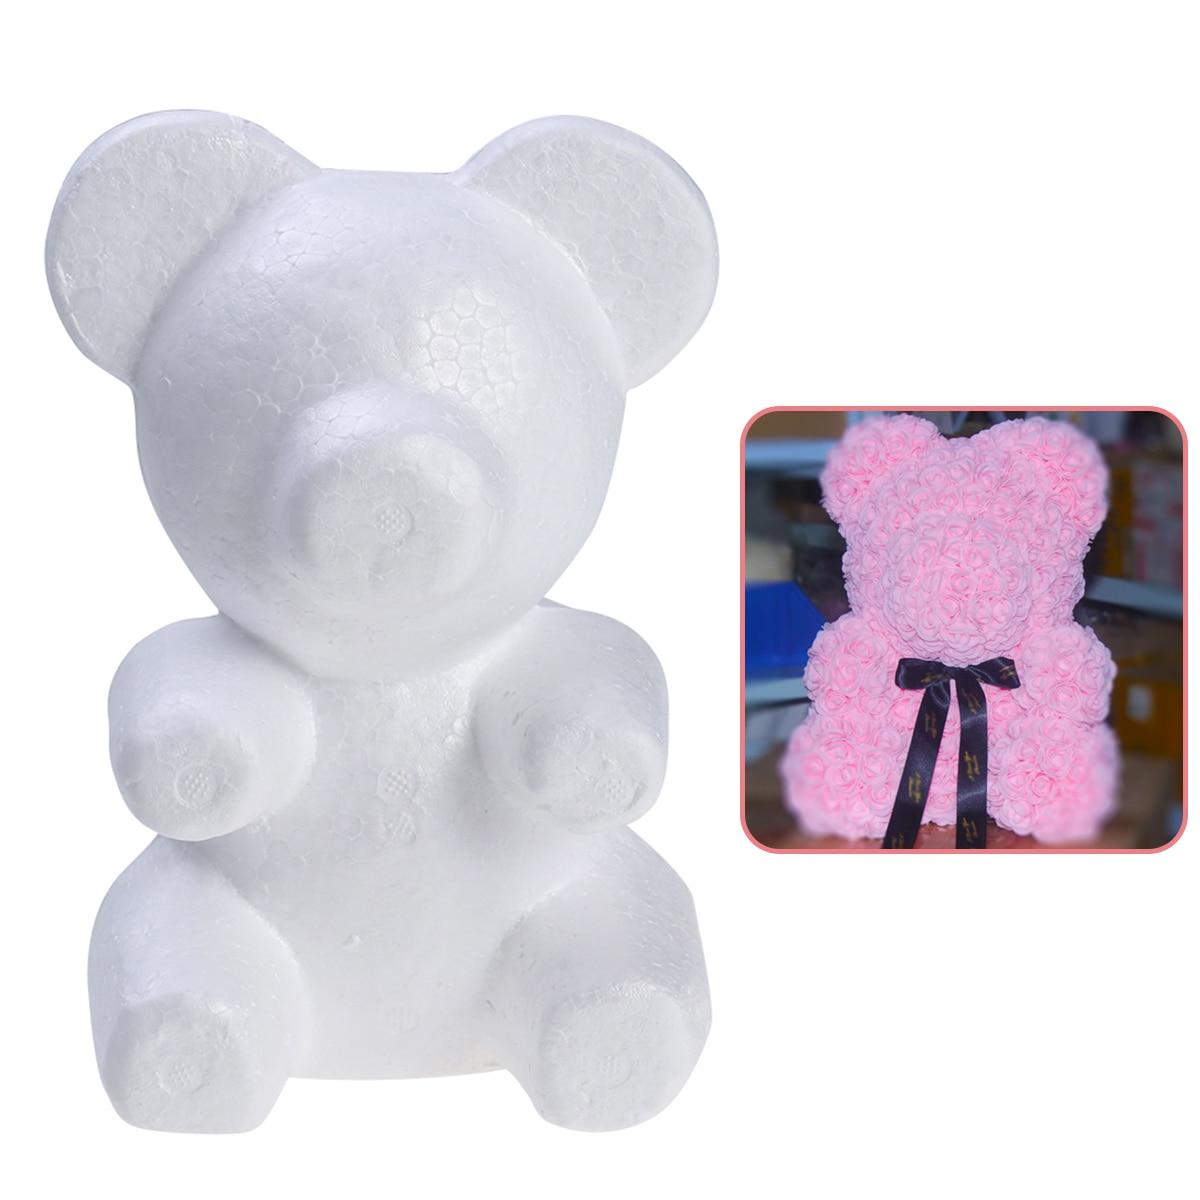 Пенополистирол пенопласт-200 мм моделирование авторские шары пены медведь плесень белый 150 для вечерние украшения партии Свадебный подарок цветок